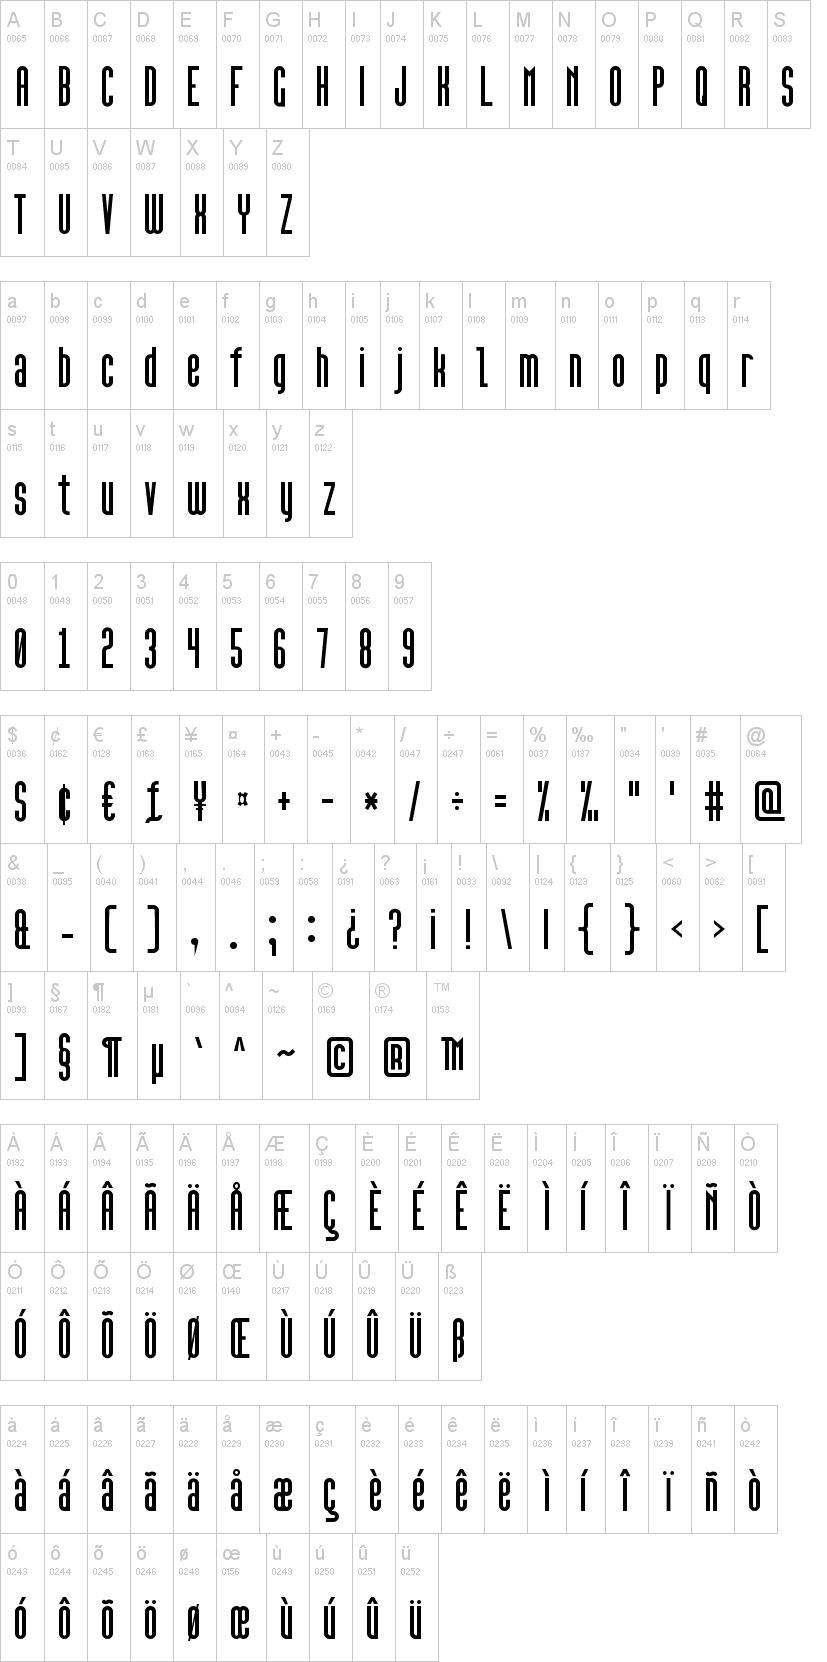 High Sans Serif 7 Font | dafont com